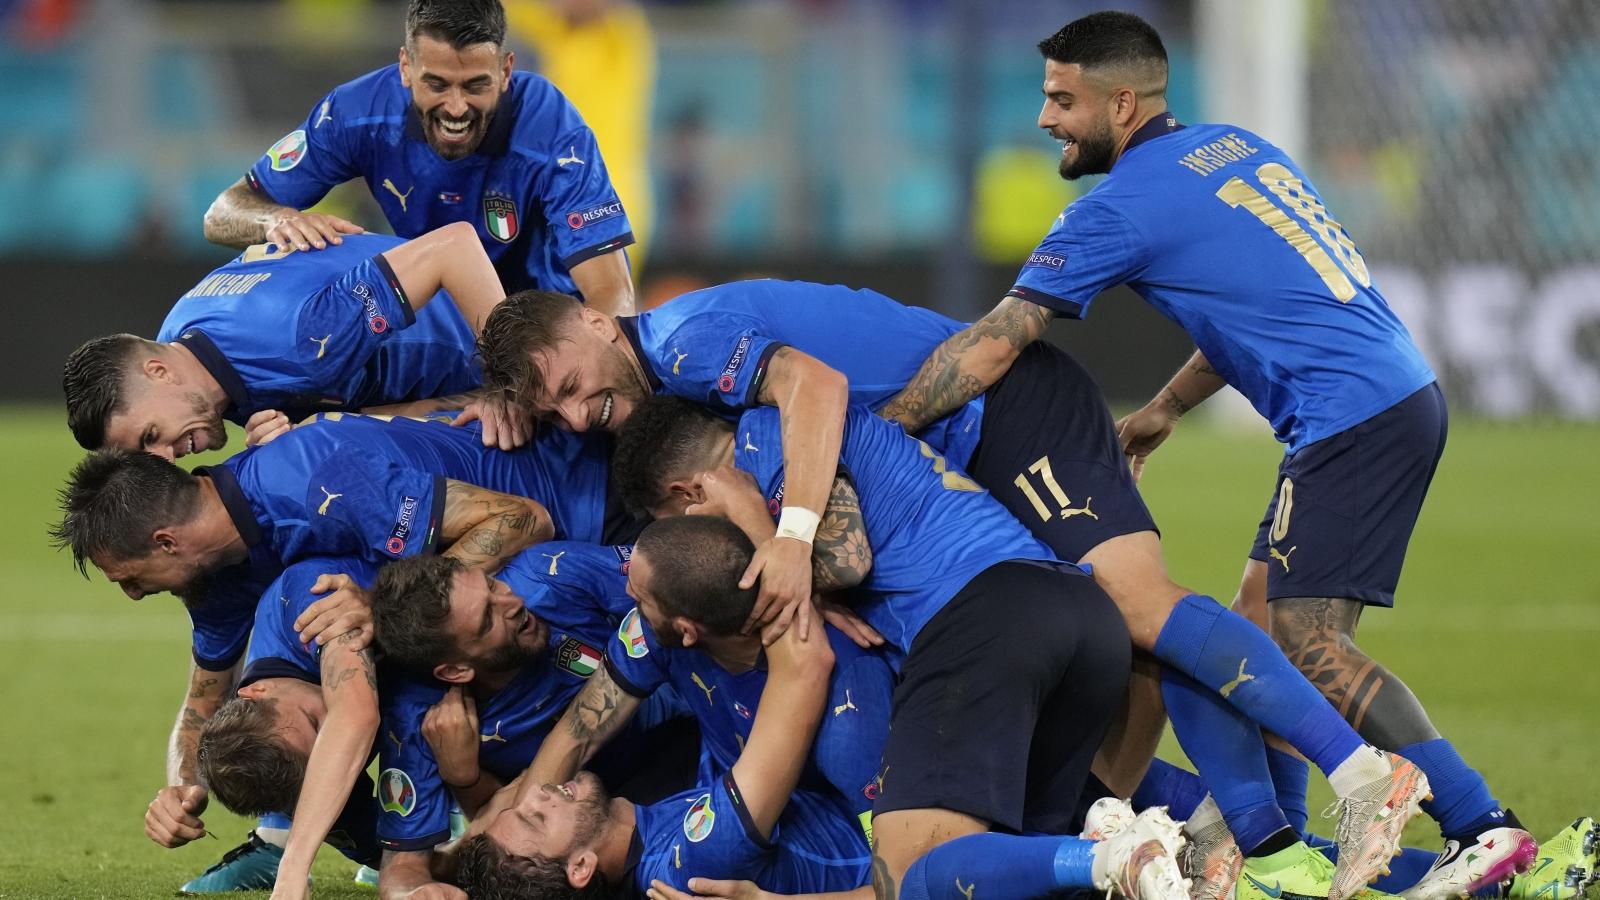 Thắng 3 sao trước Thụy Sĩ, Italia trở thành đội đầu tiên vượt qua vòng bảng tại EURO 2021